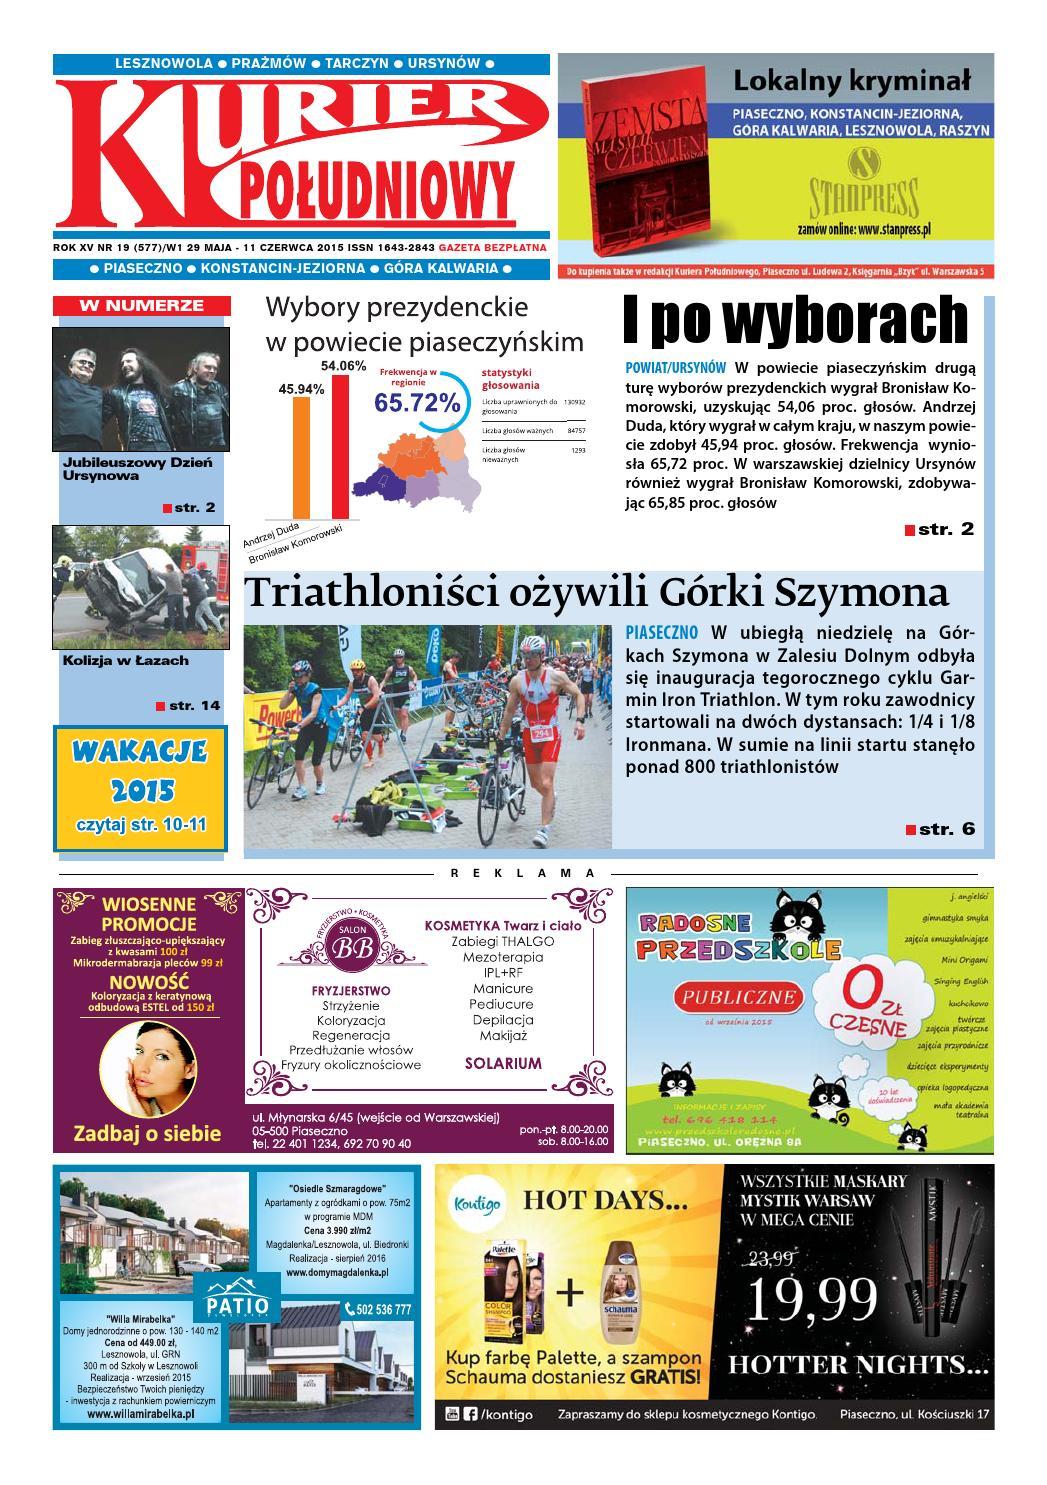 642a05bcc762f0 Kurier Południowy 19 (577) - wydanie piaseczyńsko-ursynowskie, 29 maja 2015  by Kurier Południowy - issuu